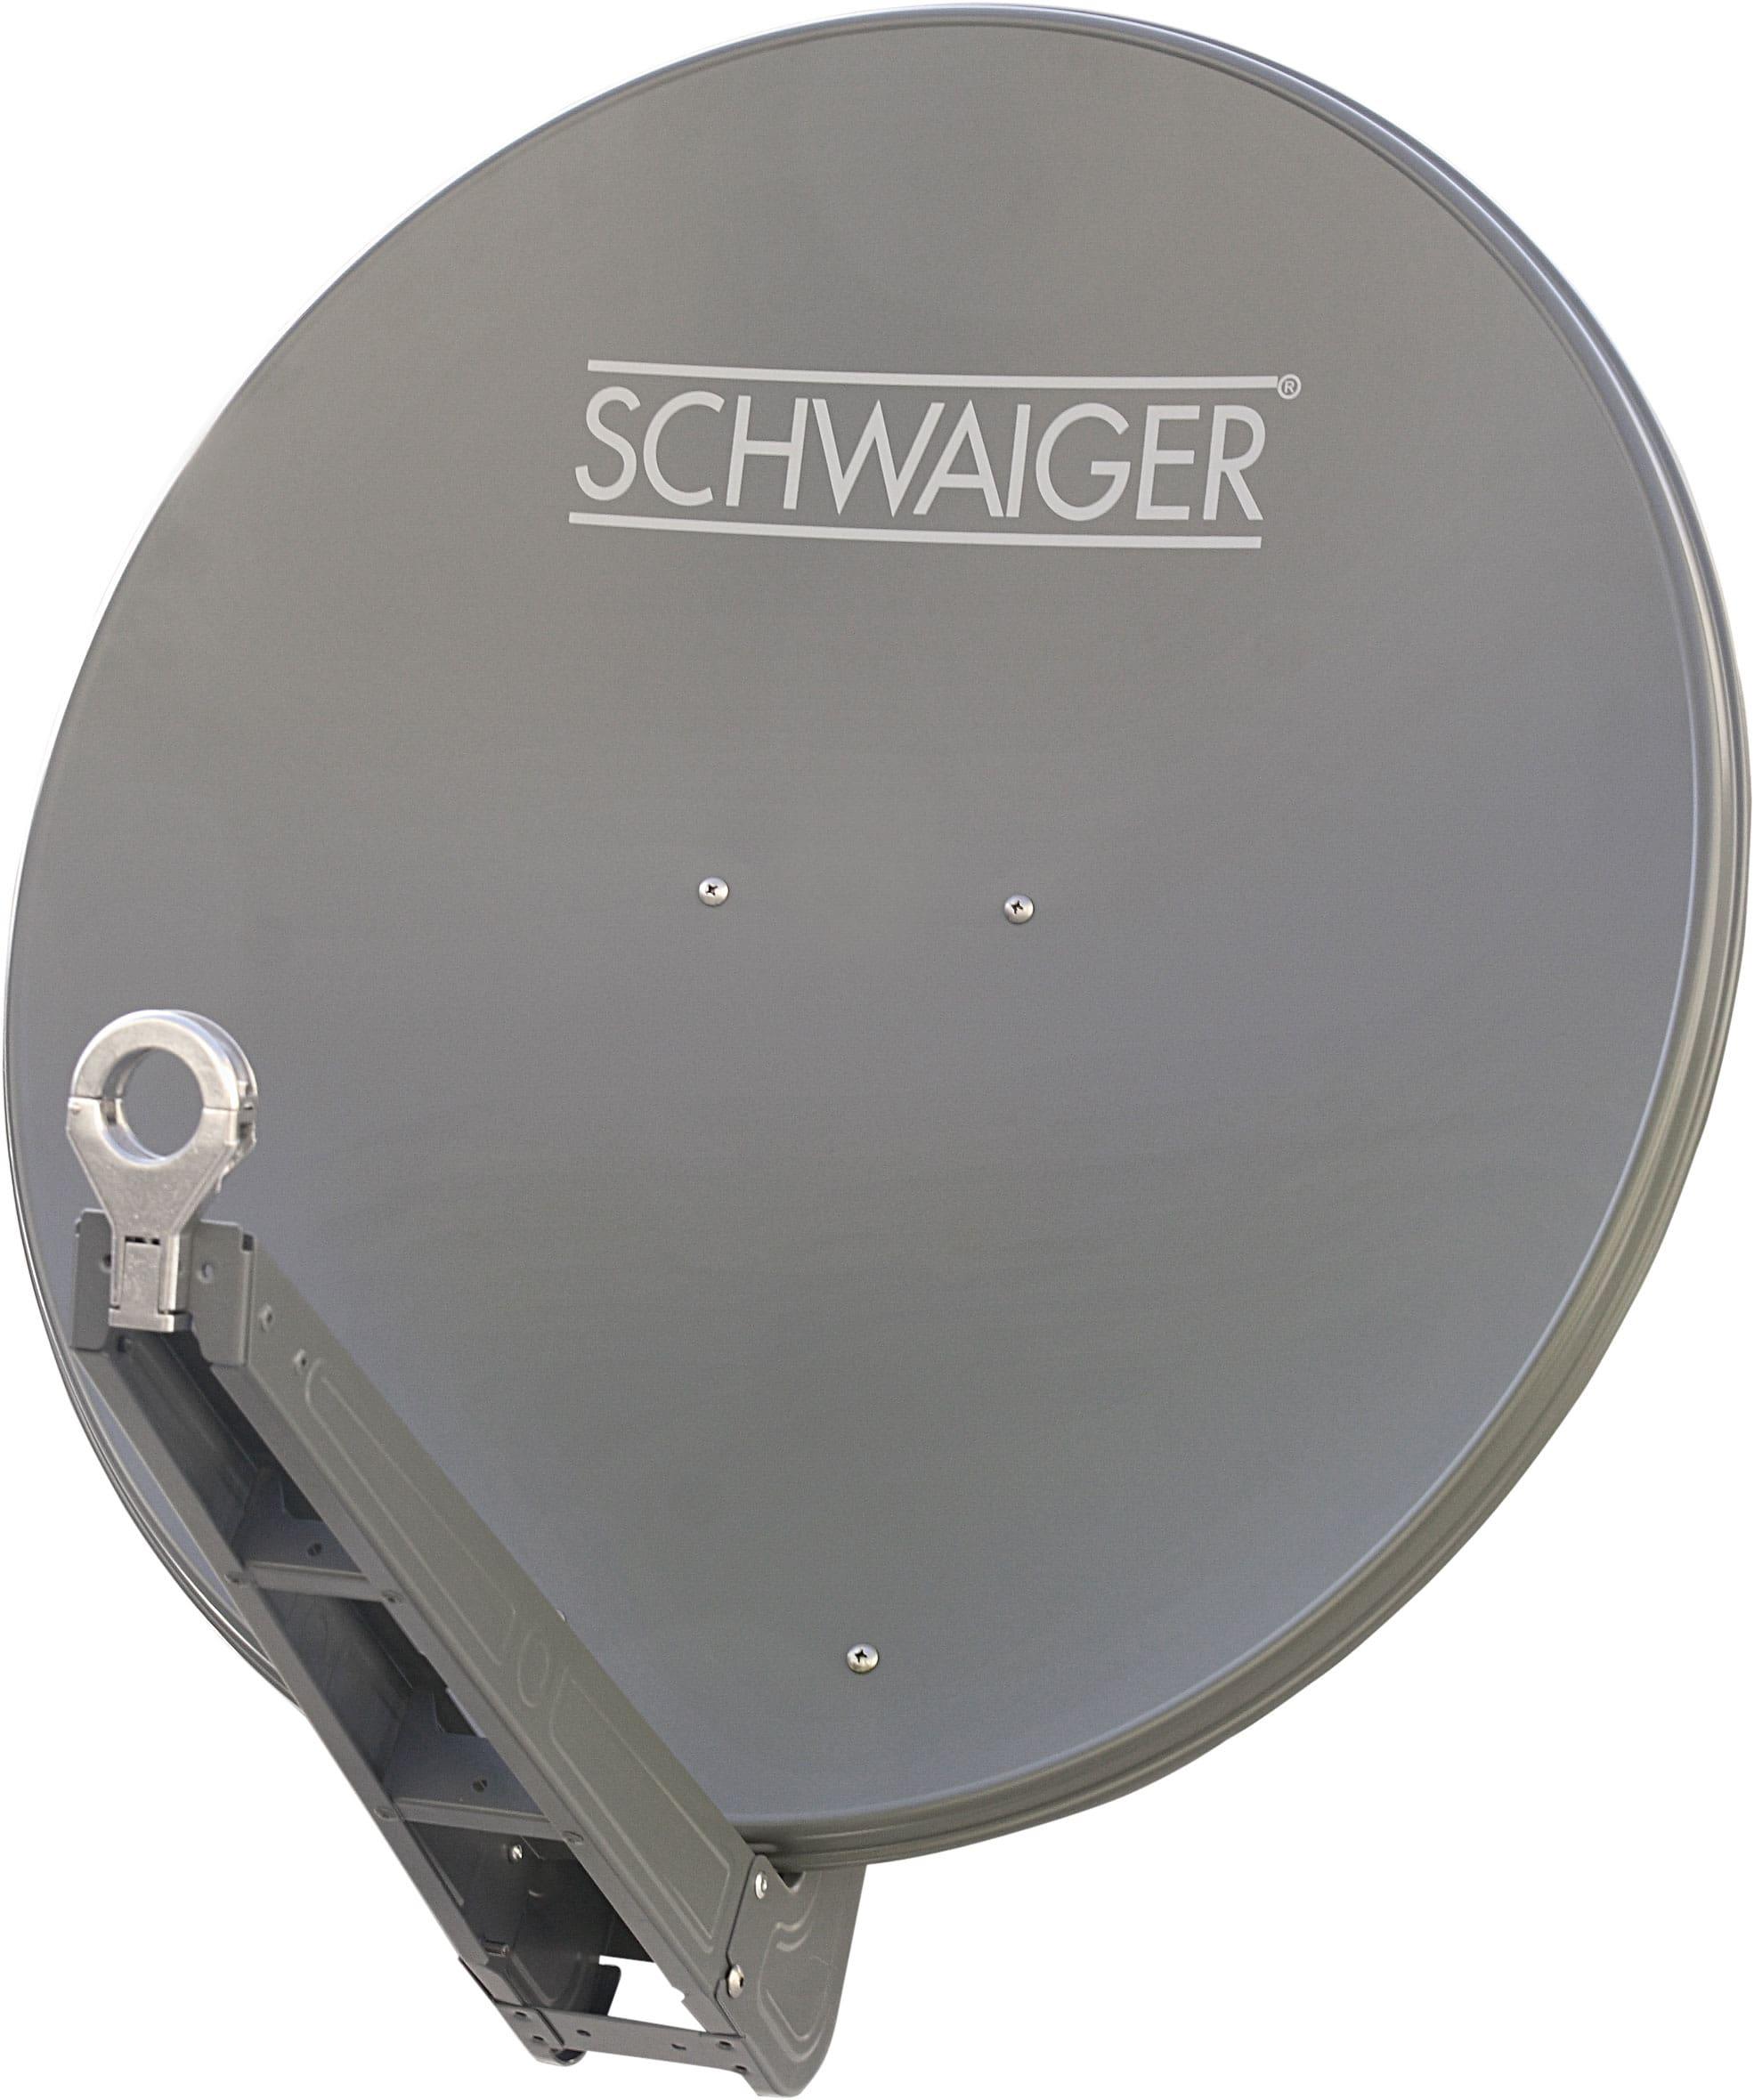 Schwaiger SPI075PA 011 Alu-Spiegel 75cm Satellitenantenne für 159,00 Euro